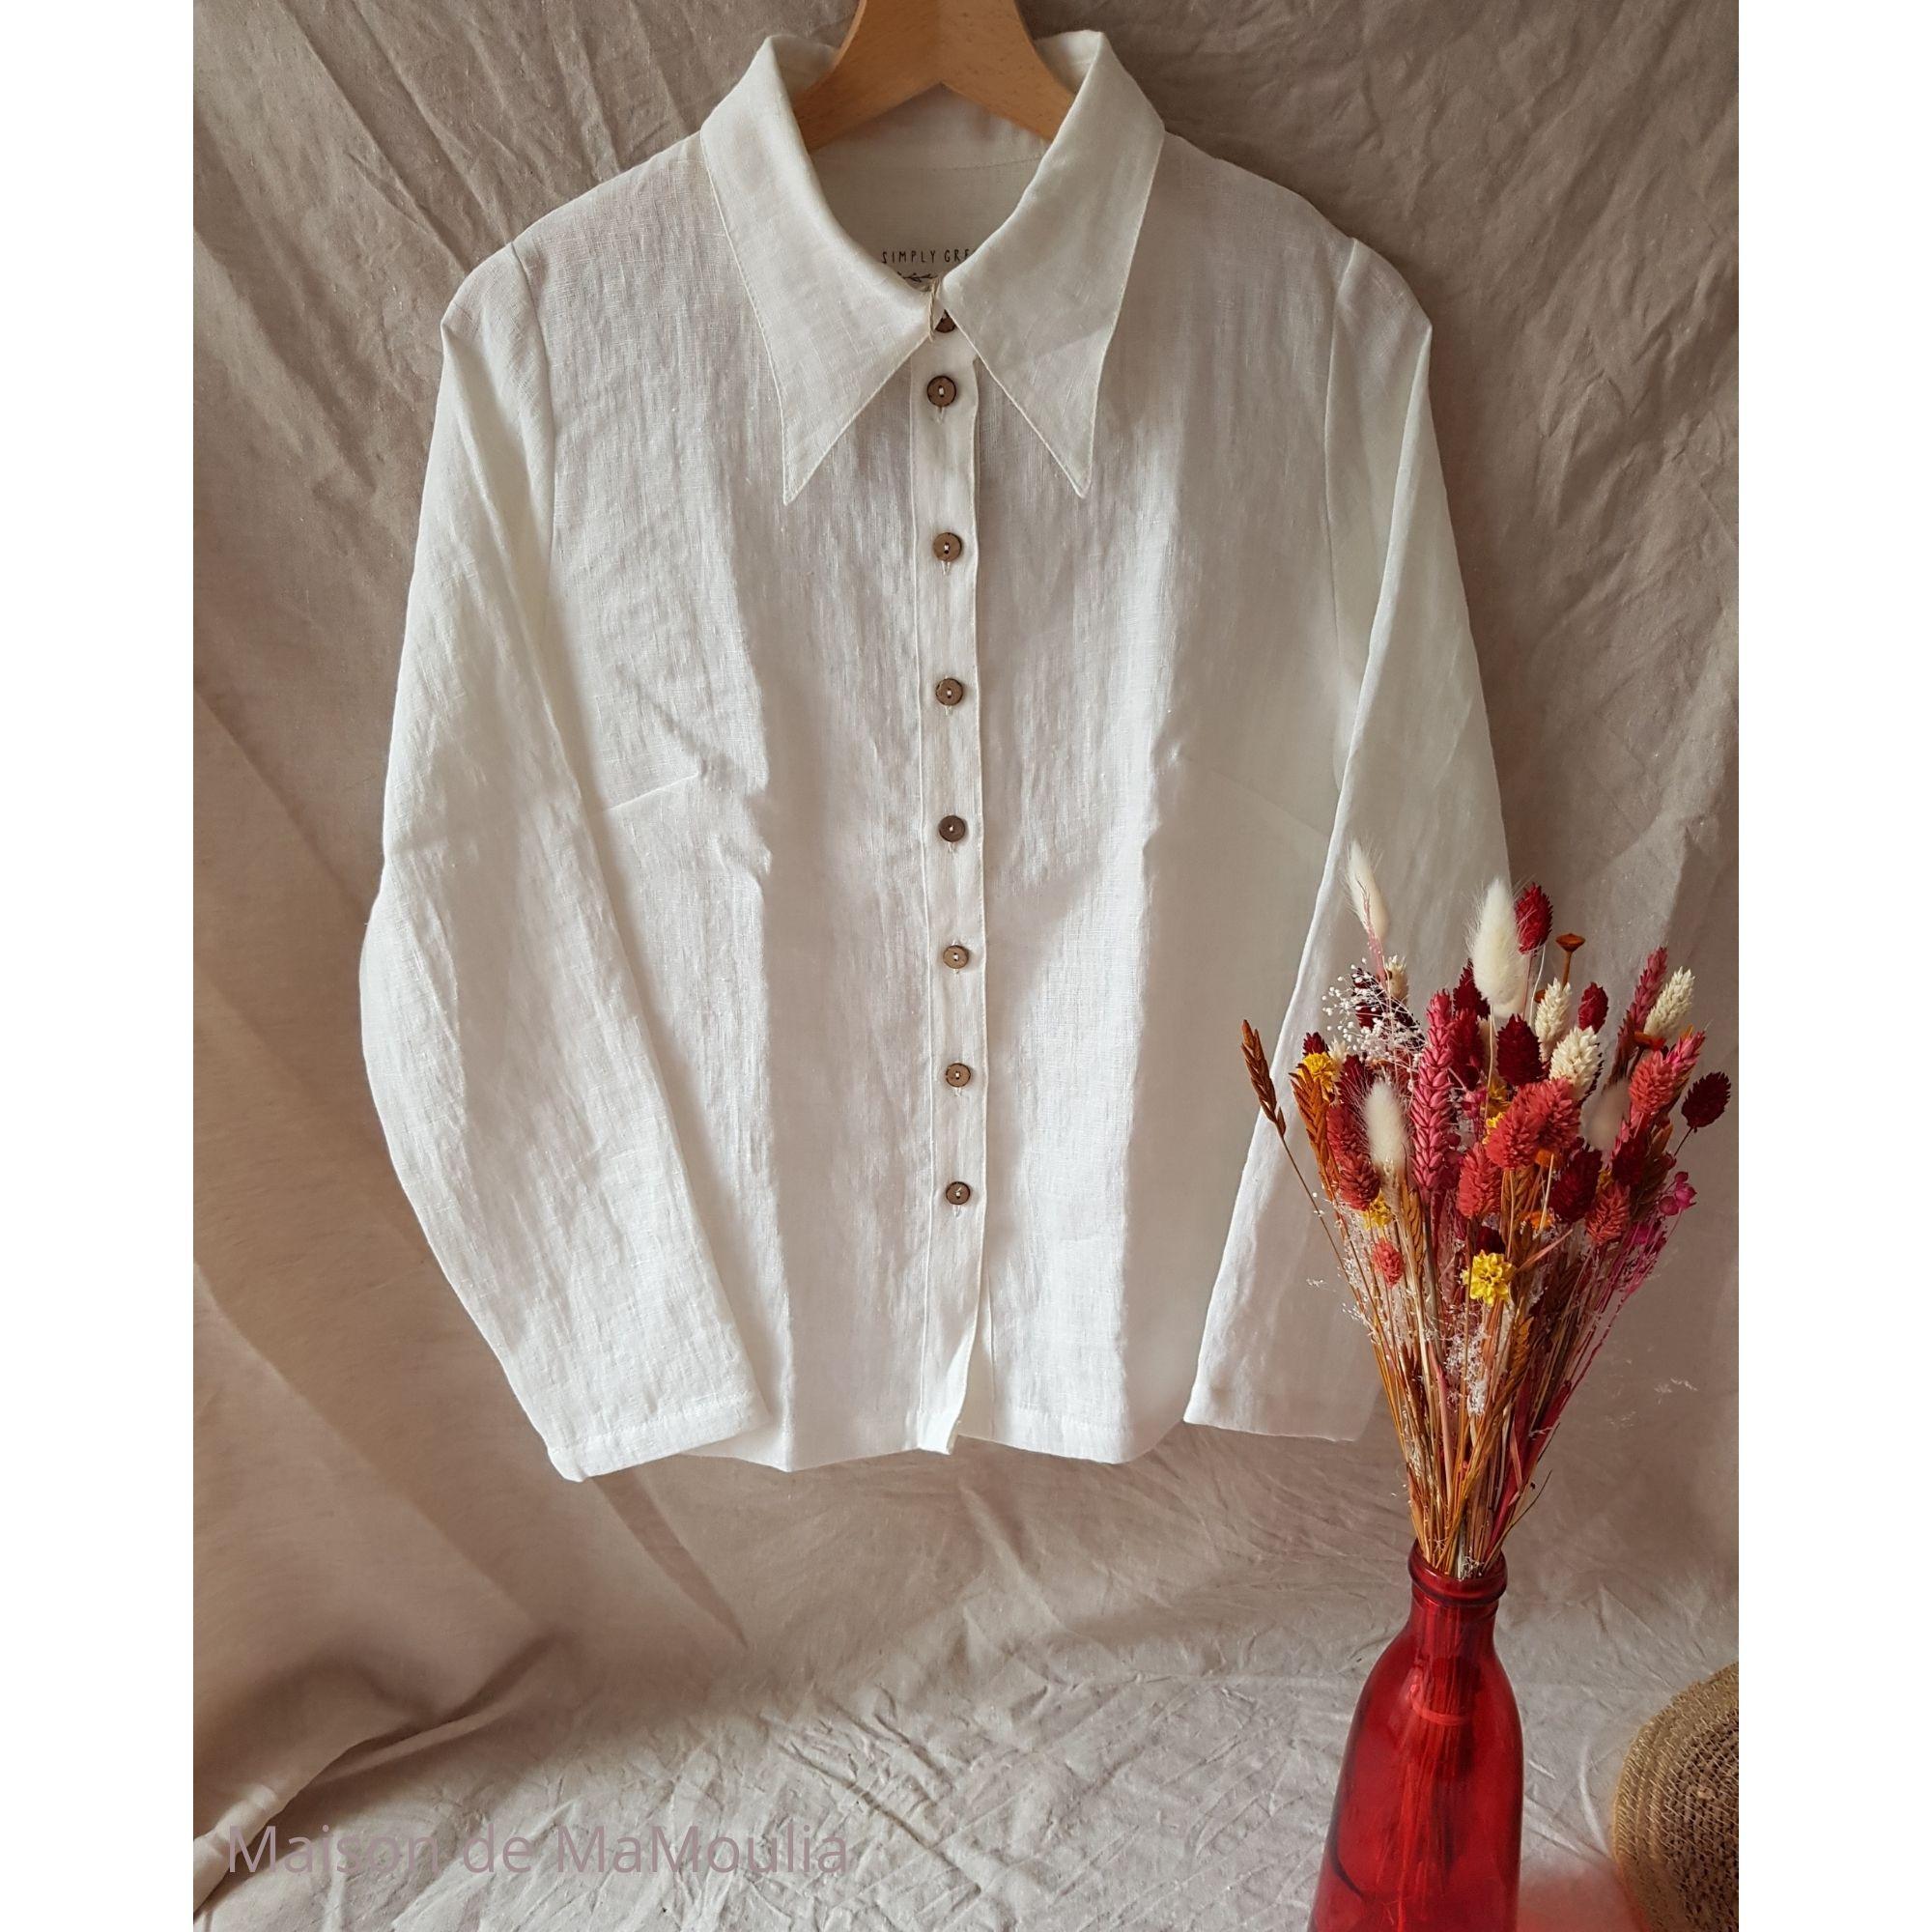 SIMPLY GREY - Chemise pour femme - 100% lin lavé - Blanc